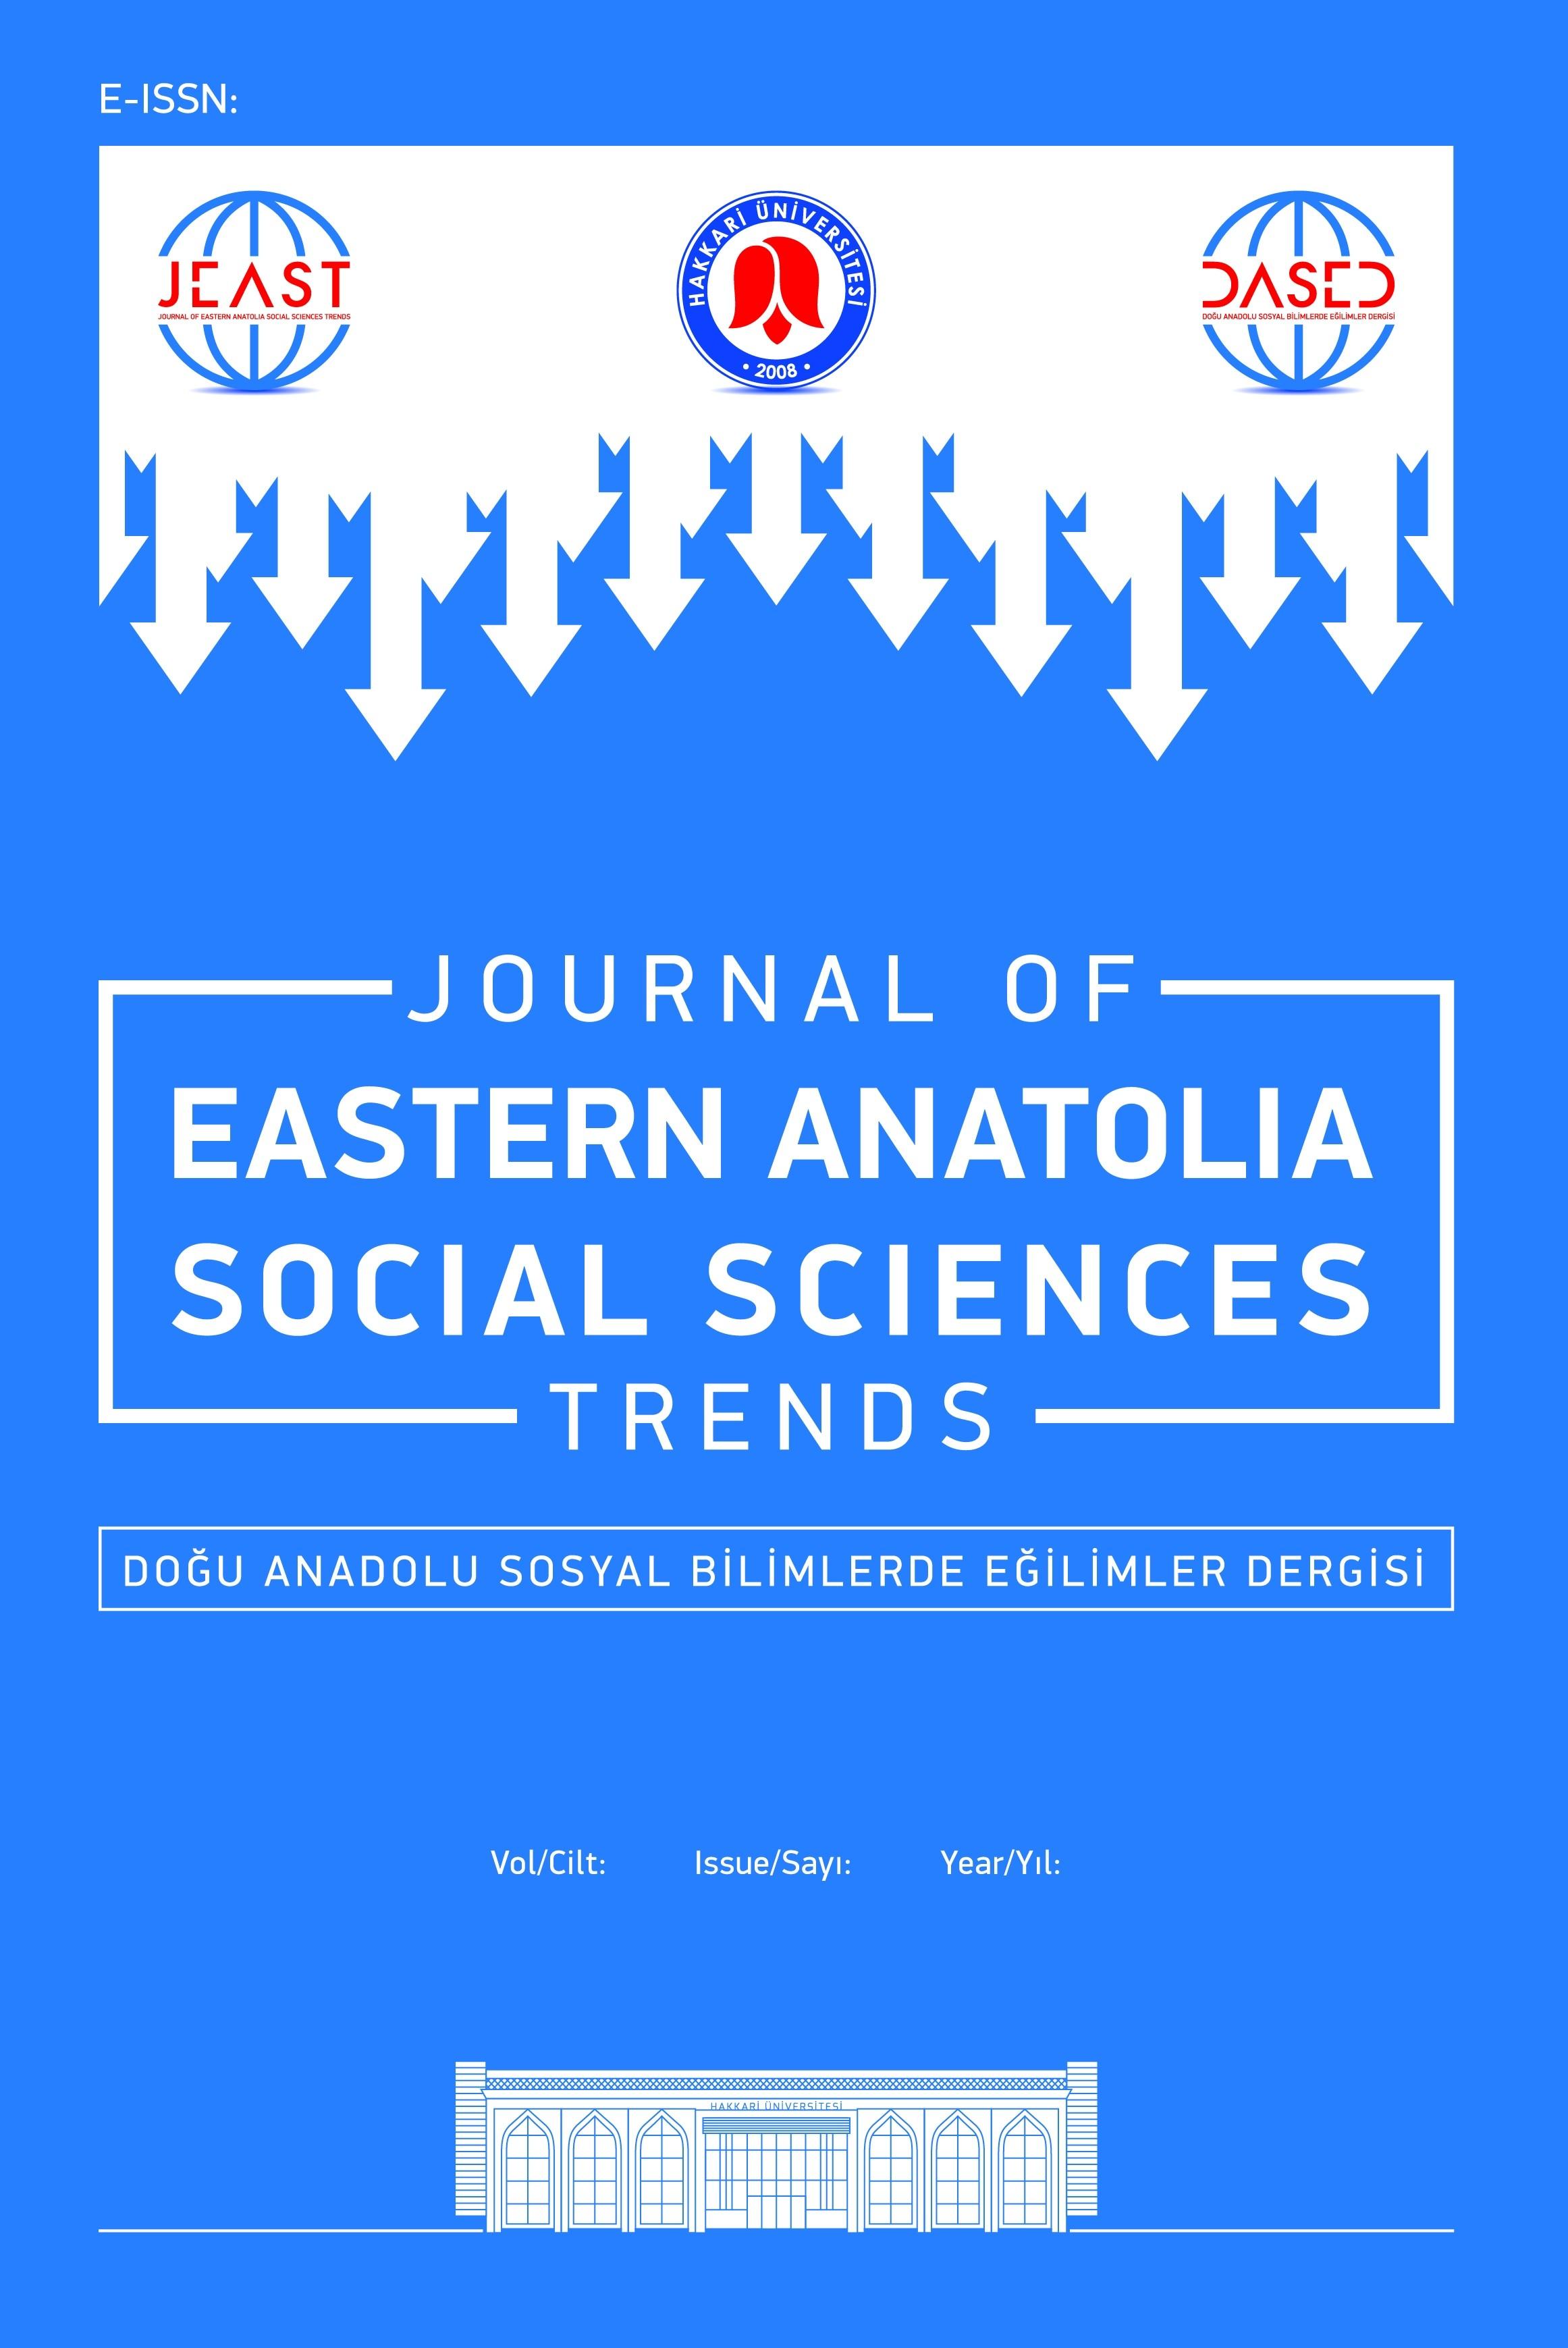 Doğu Anadolu Sosyal Bilimlerde Eğilimler Dergisi